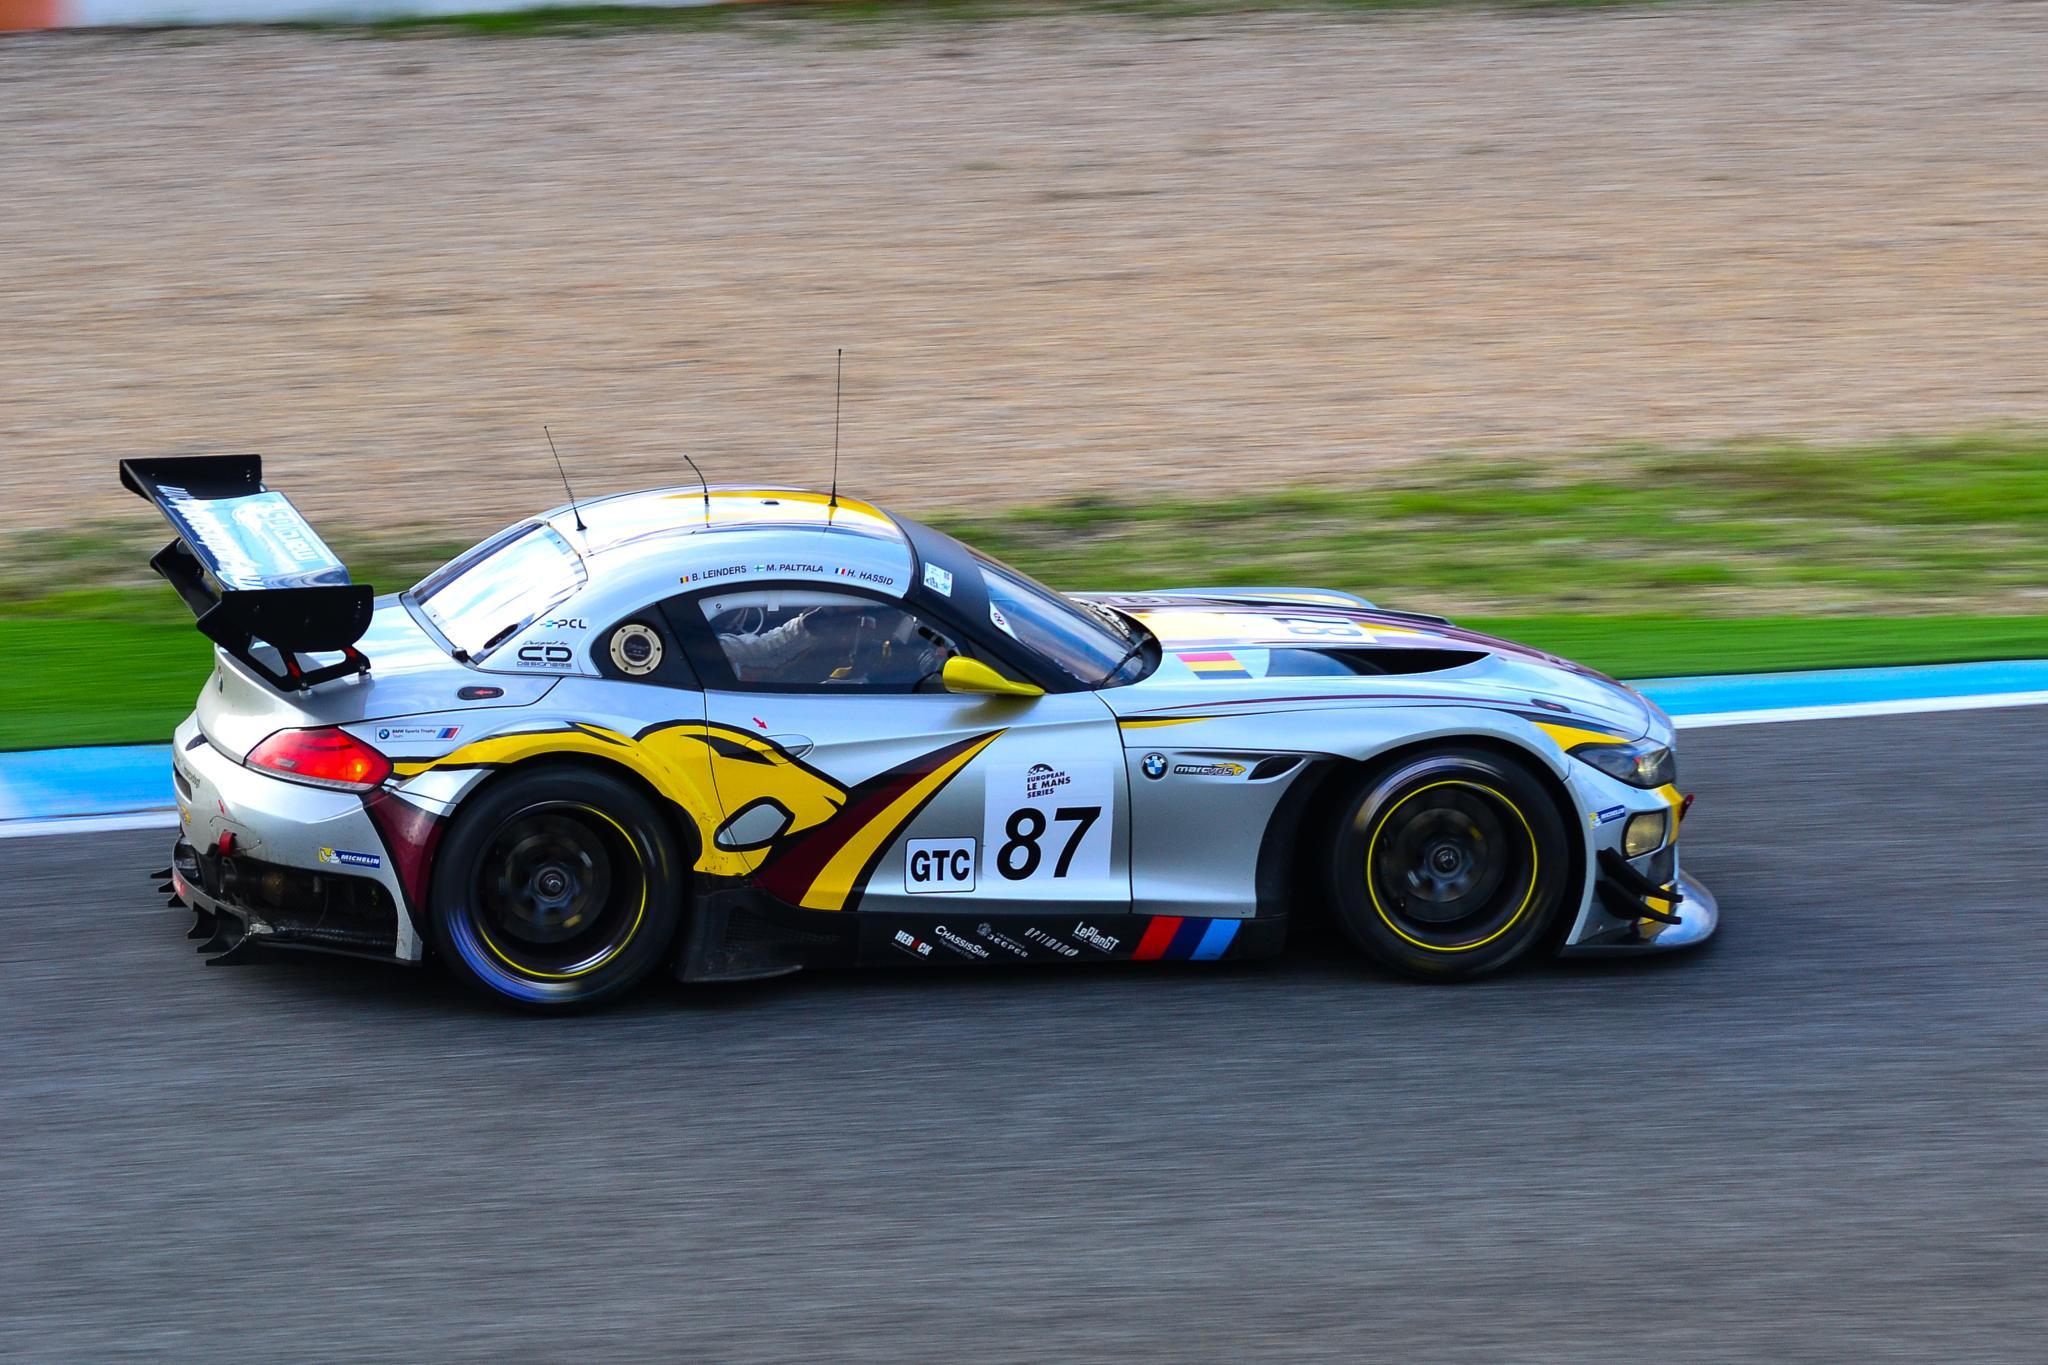 BMW GT3 racing car by José Pedro Borges